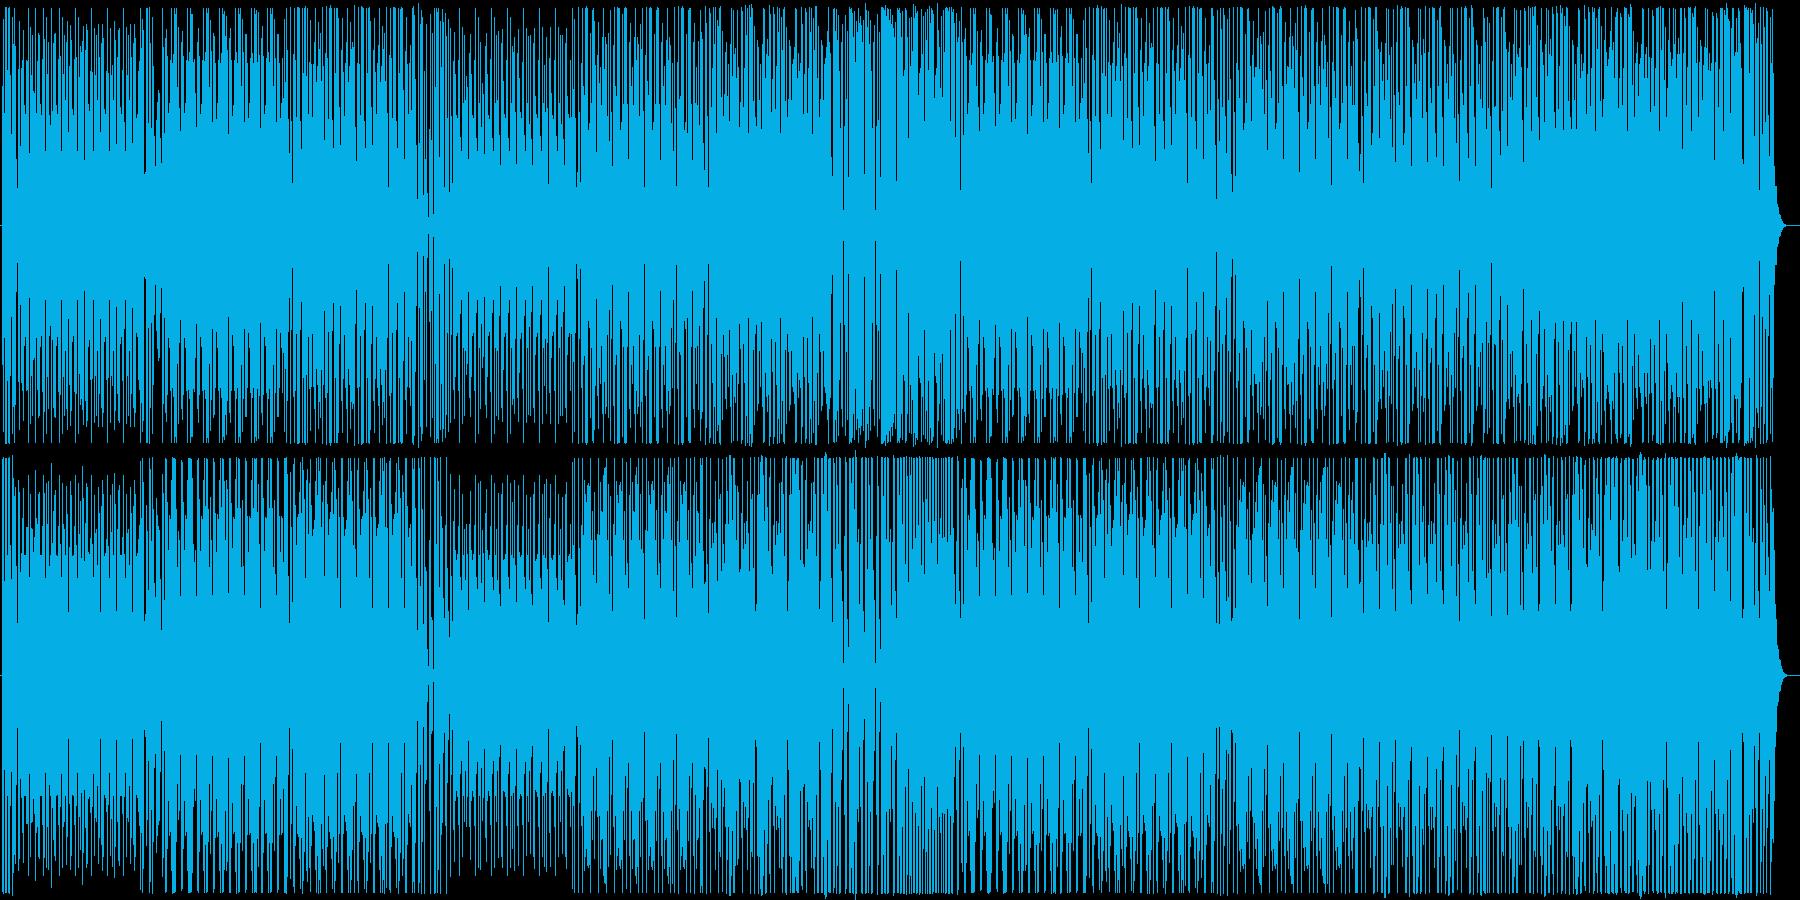 和太鼓のみの組太鼓楽曲02の再生済みの波形